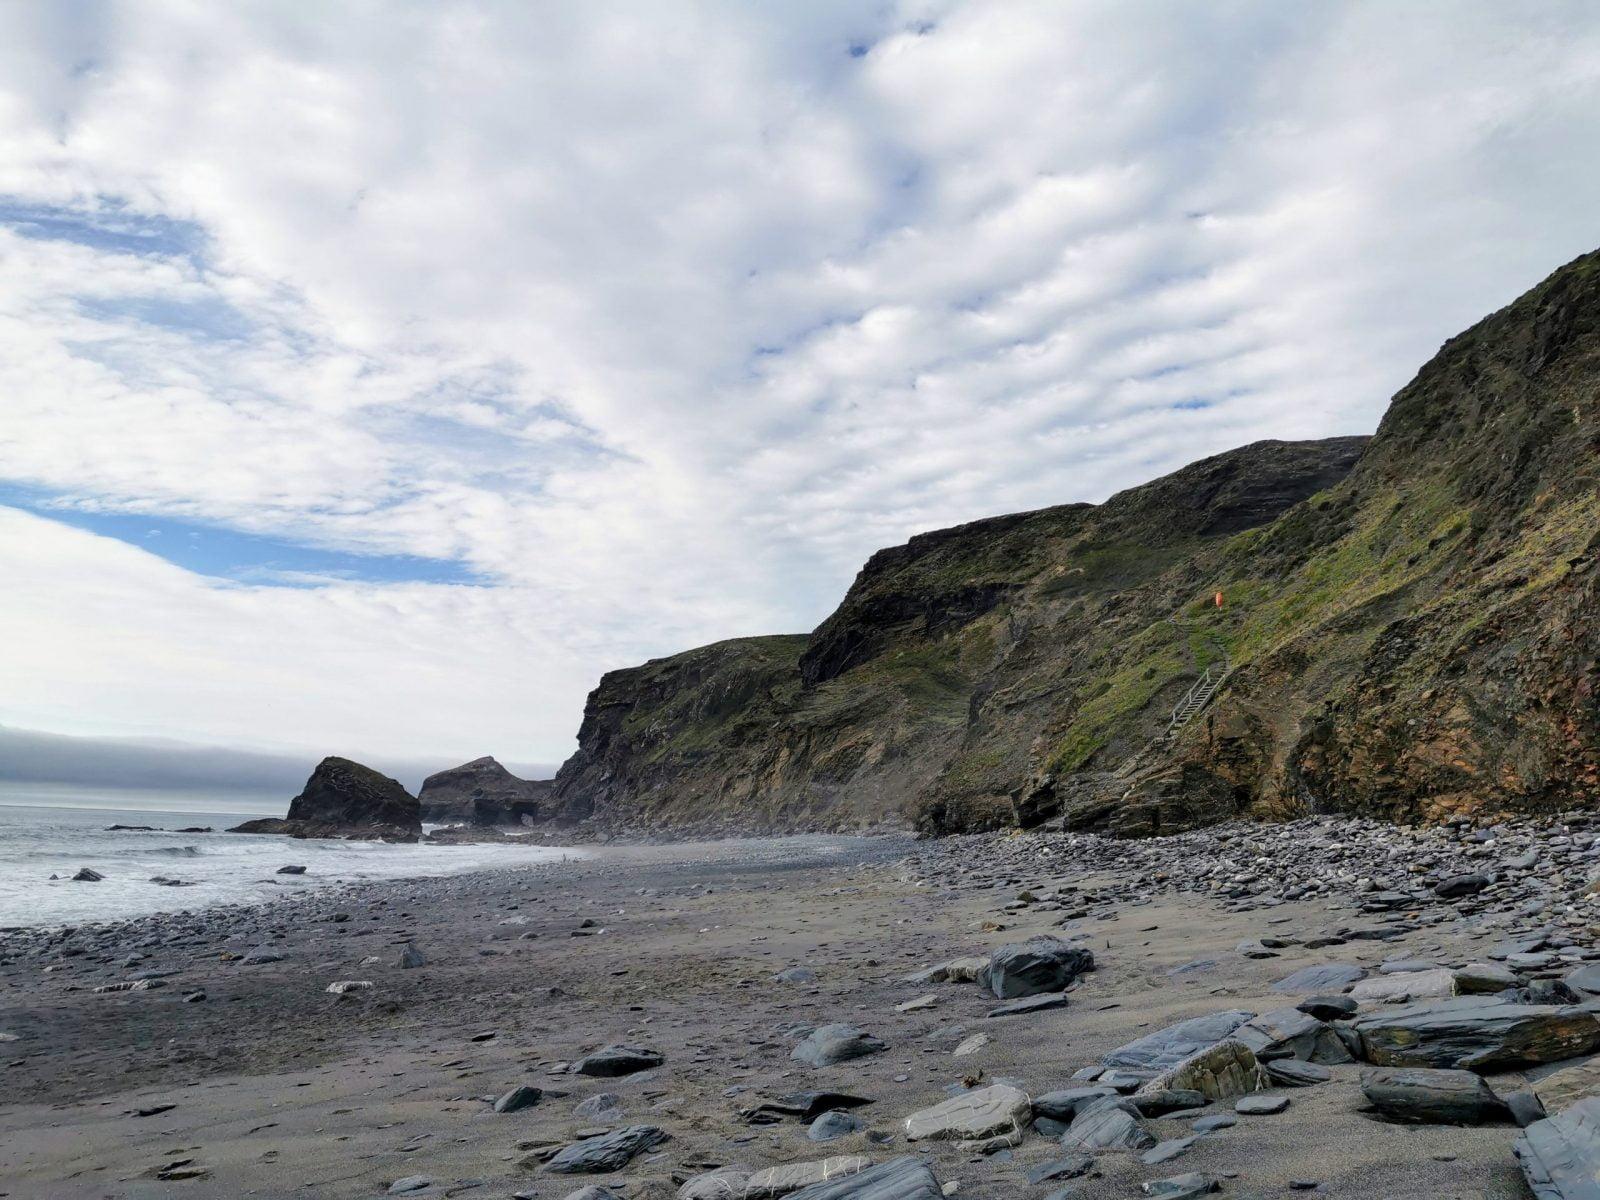 The Strangles Beach & Trail: A Hidden & Quiet Beach in Cornwall 12